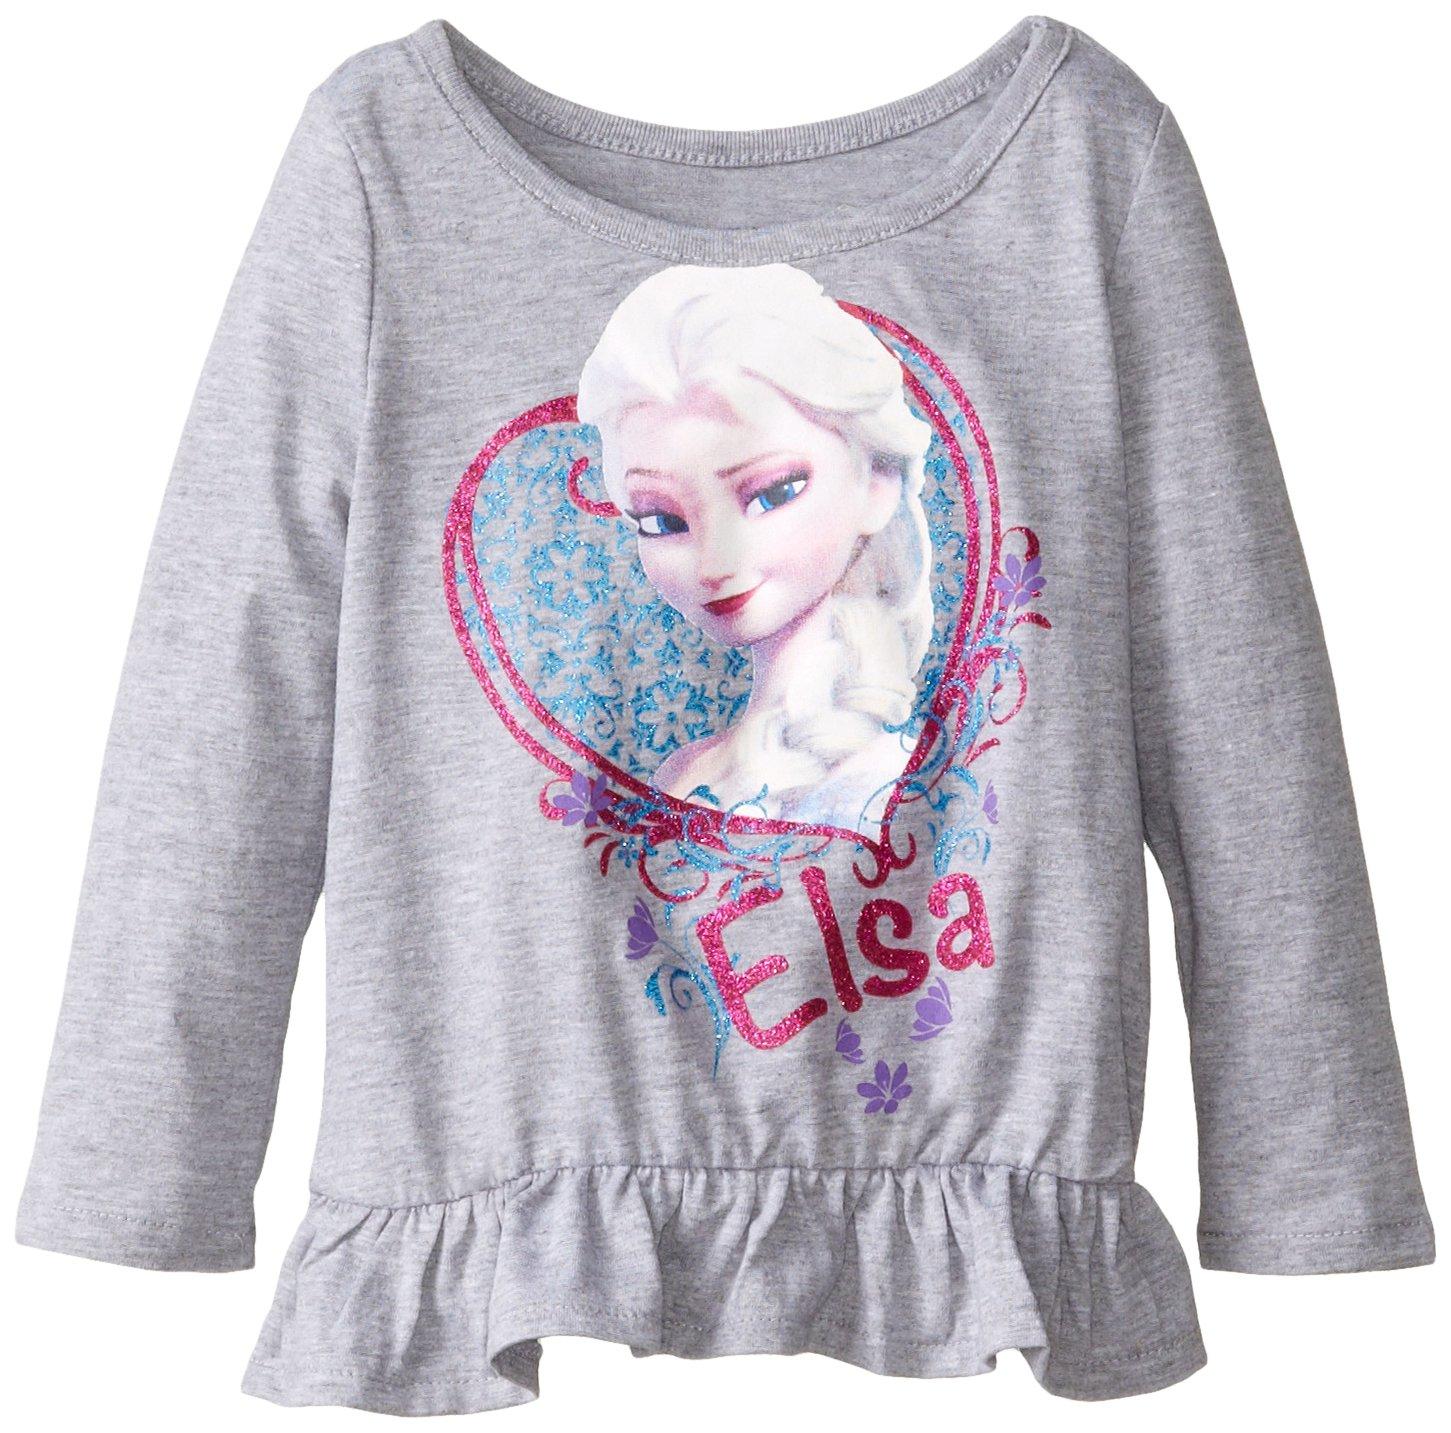 Frozen Little Girls' Toddler Elsa Girls Long Sleeve Peplum Top, Heather Grey, 4T